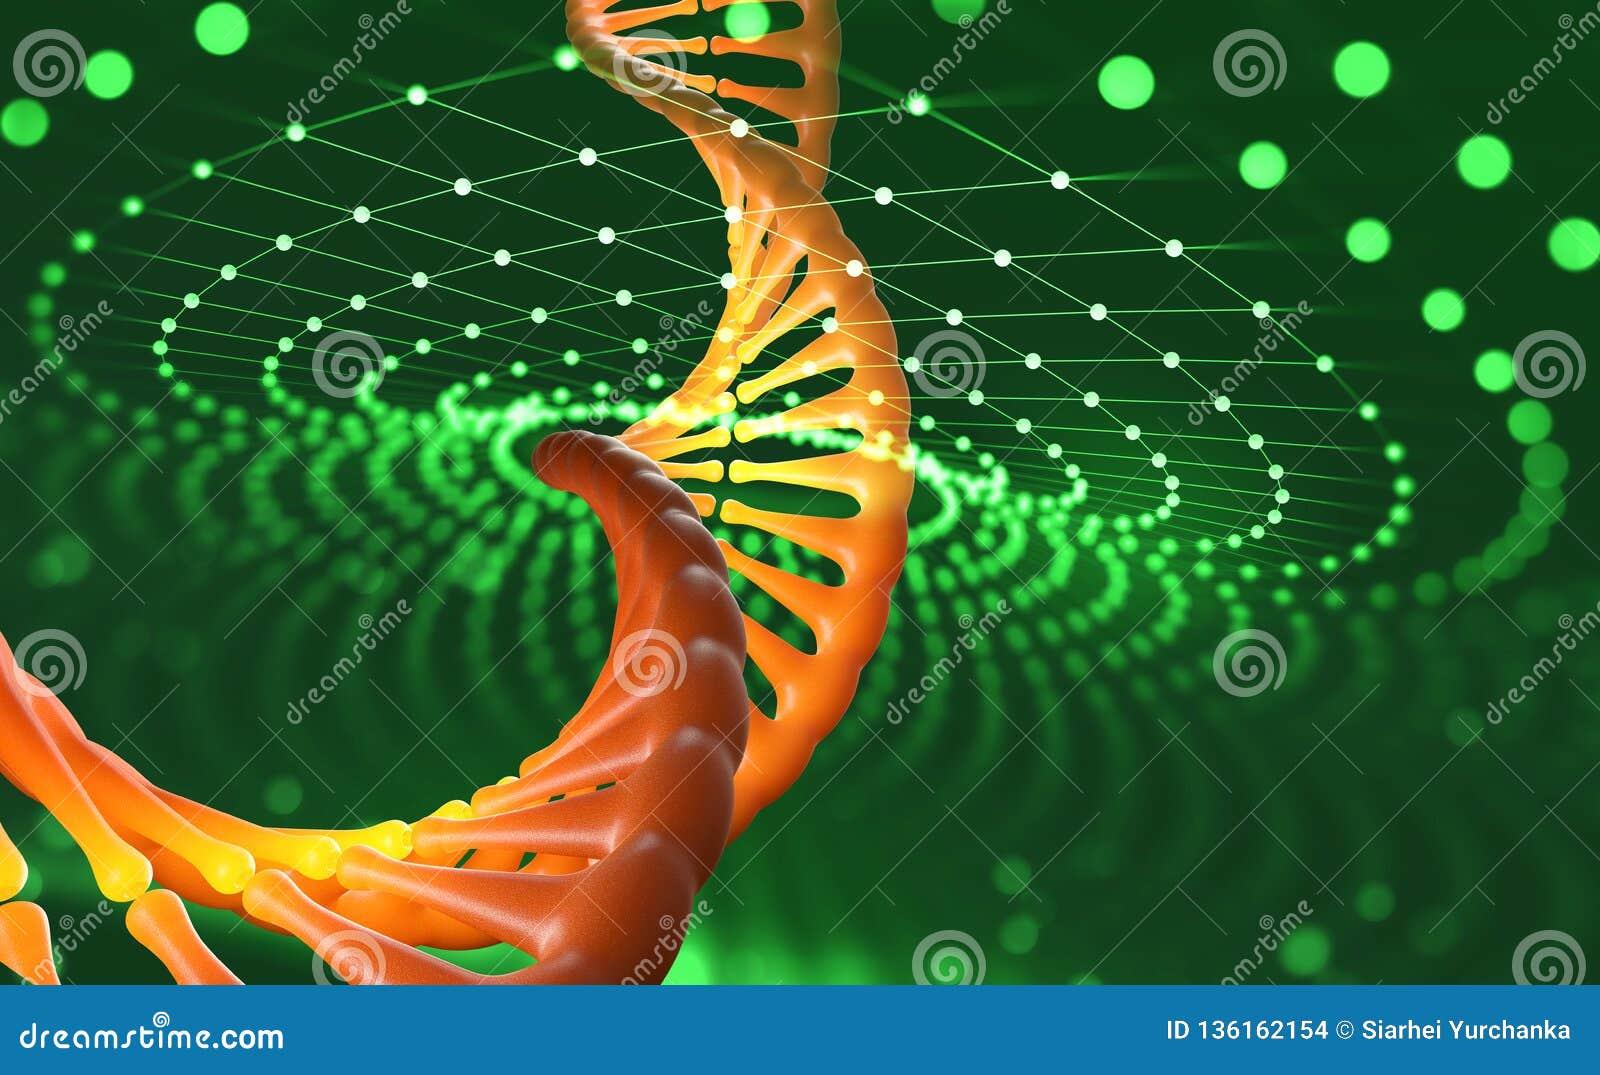 Vetenskapligt begrepp för genteknik Innovativa teknologier i forskning av den mänskliga genom Konstgjord intelligens i medicinen